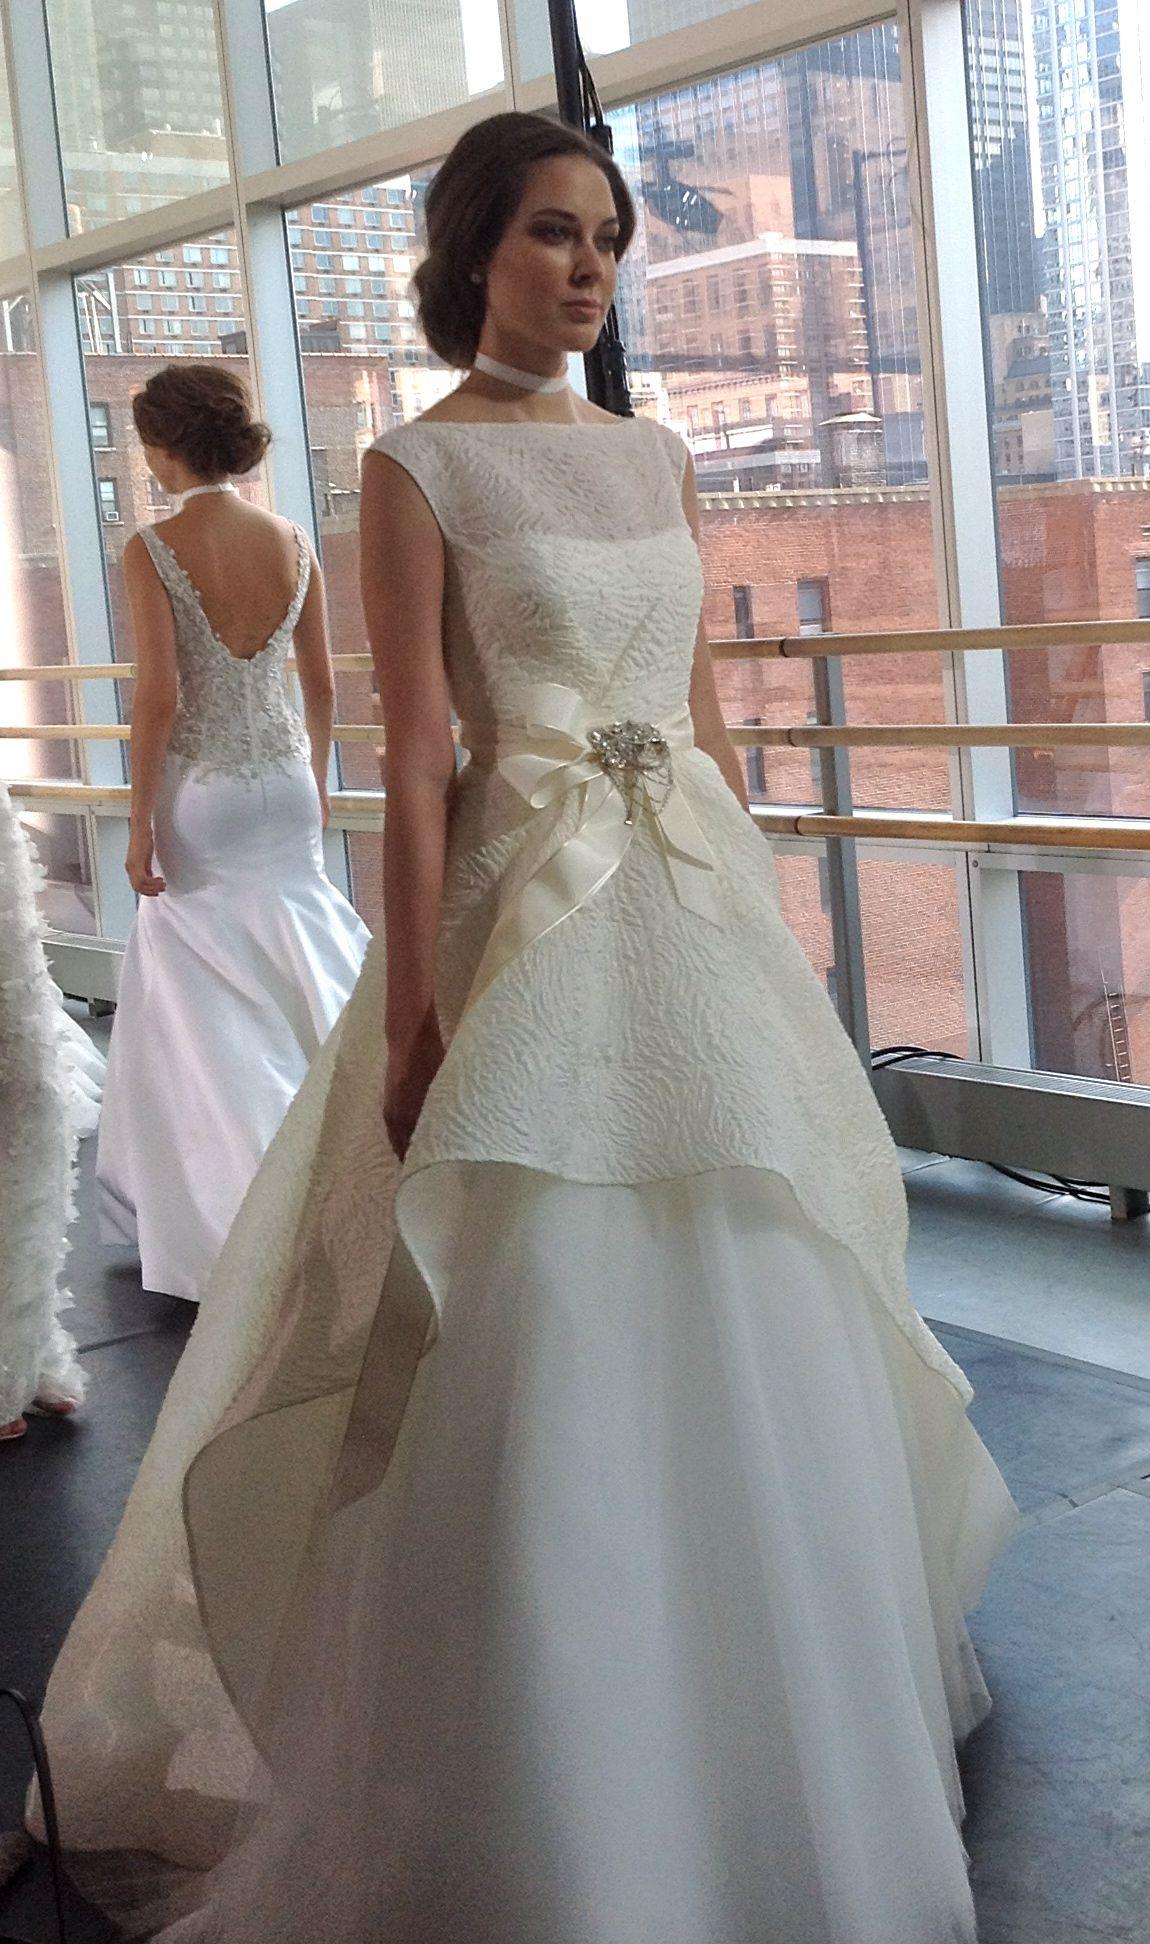 Sneak peek at Rivini wedding bridal nitsas Wedding